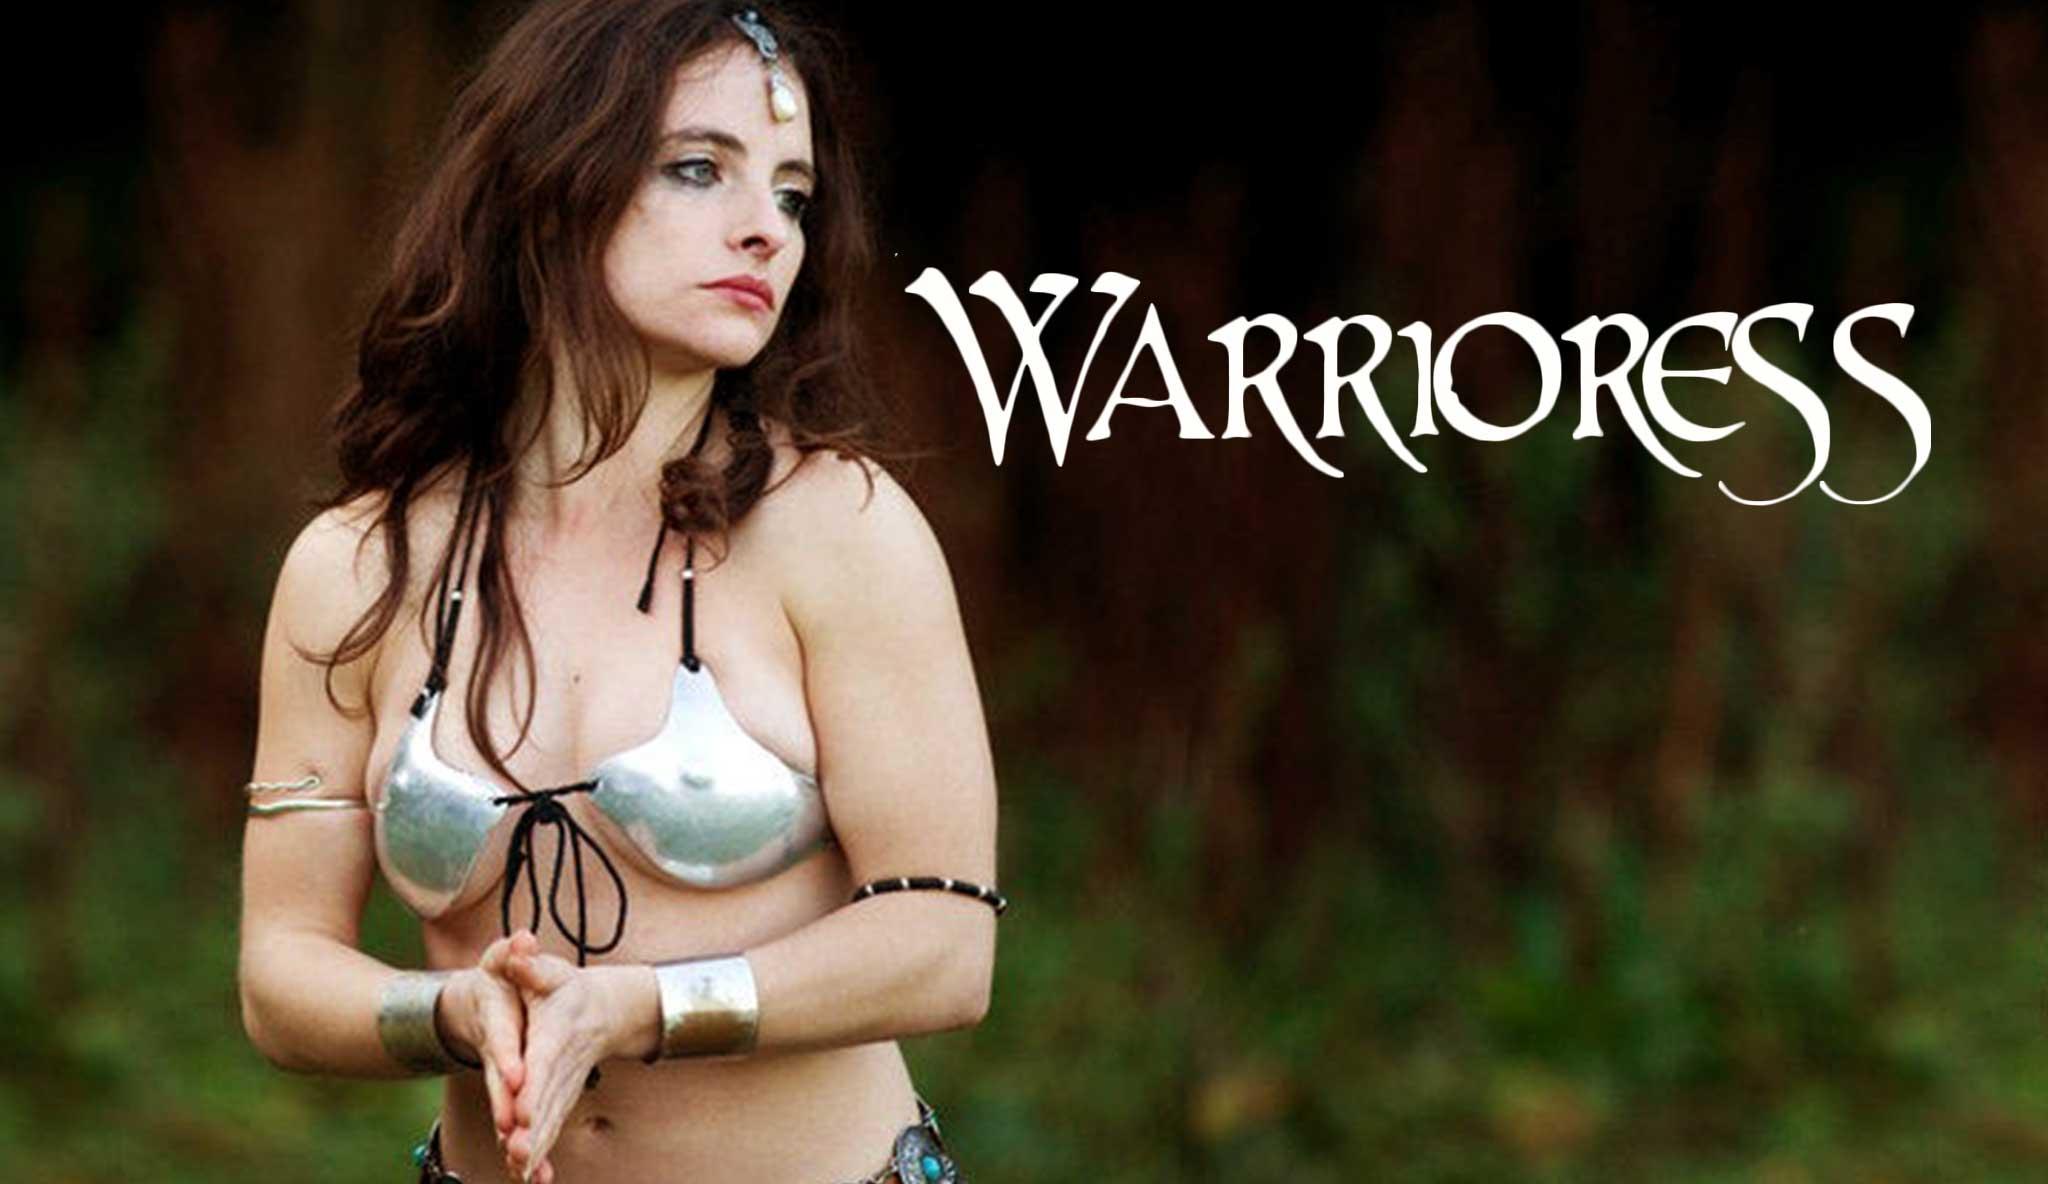 warrioress-kriegerinnen-des-lichts\header.jpg